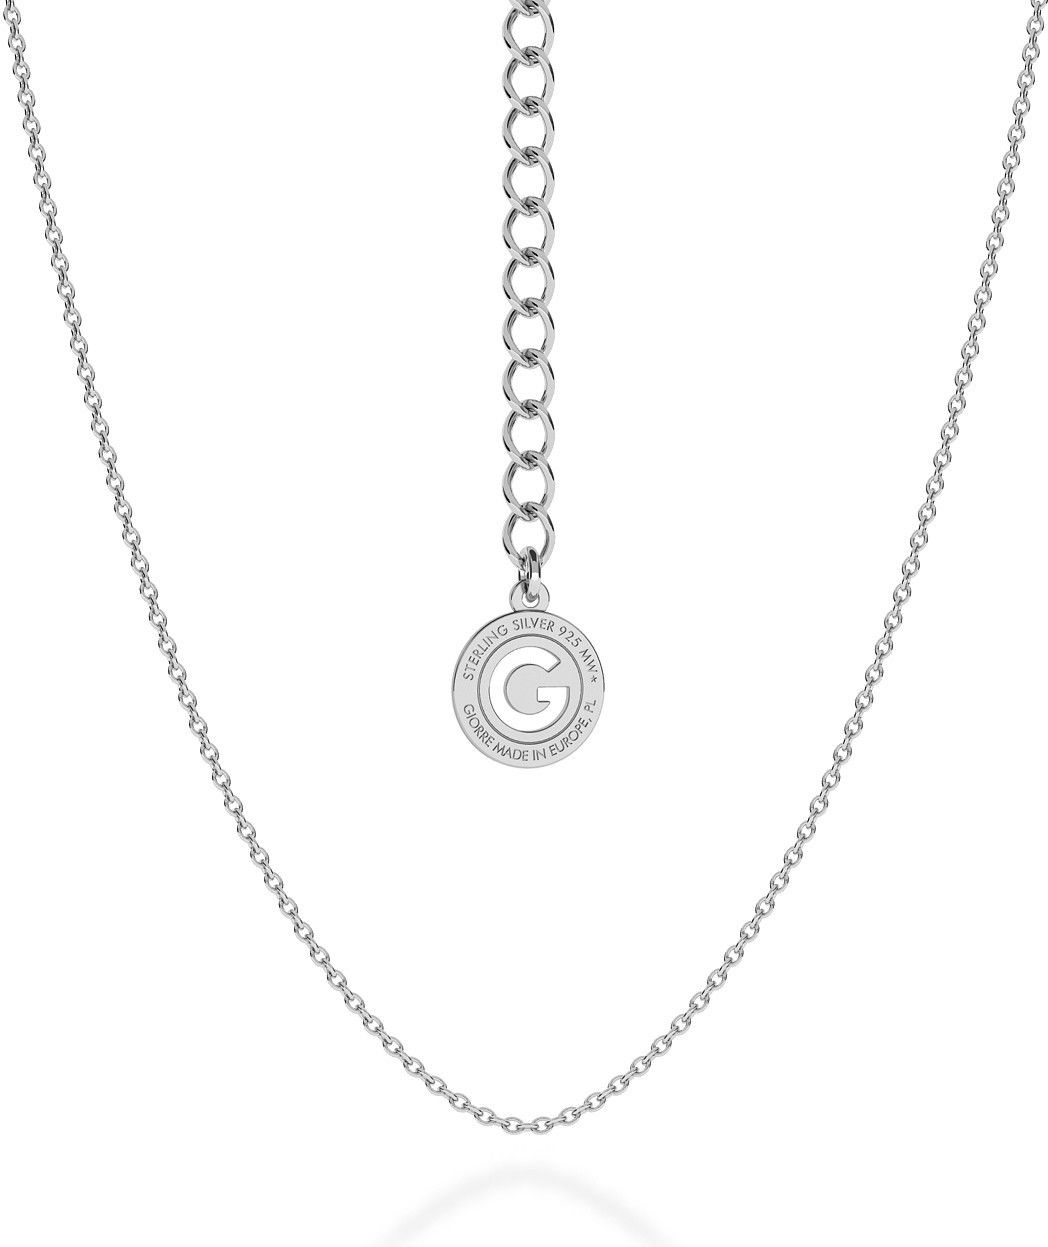 Srebrny delikatny łańcuszek ankier, srebro 925 : Długość (cm) - 50 + 5, Srebro - kolor pokrycia - Pokrycie żółtym 18K złotem